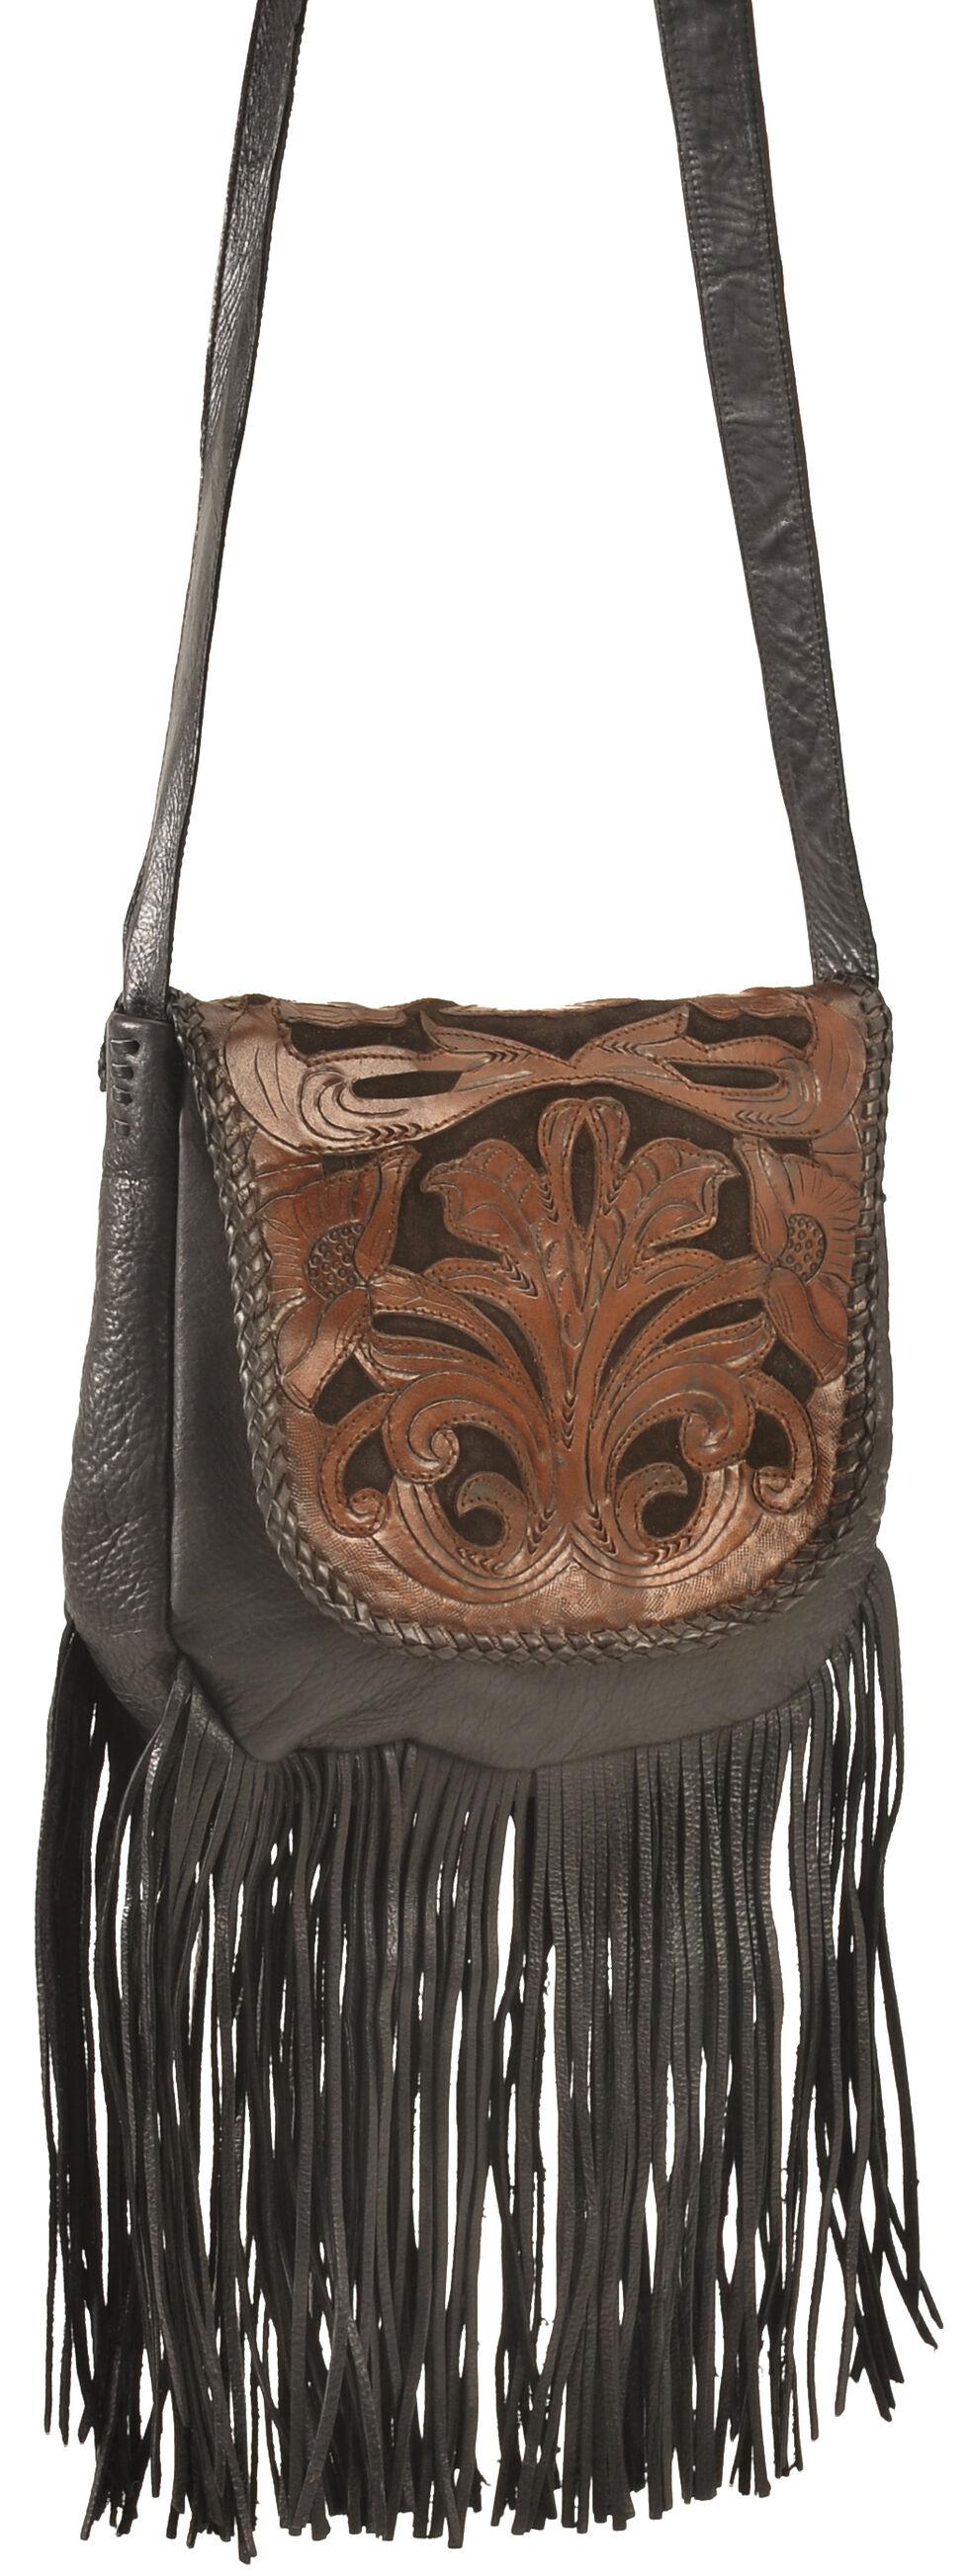 Kobler Leather Black Hand-Tooled Antique Finish Bag, Black, hi-res